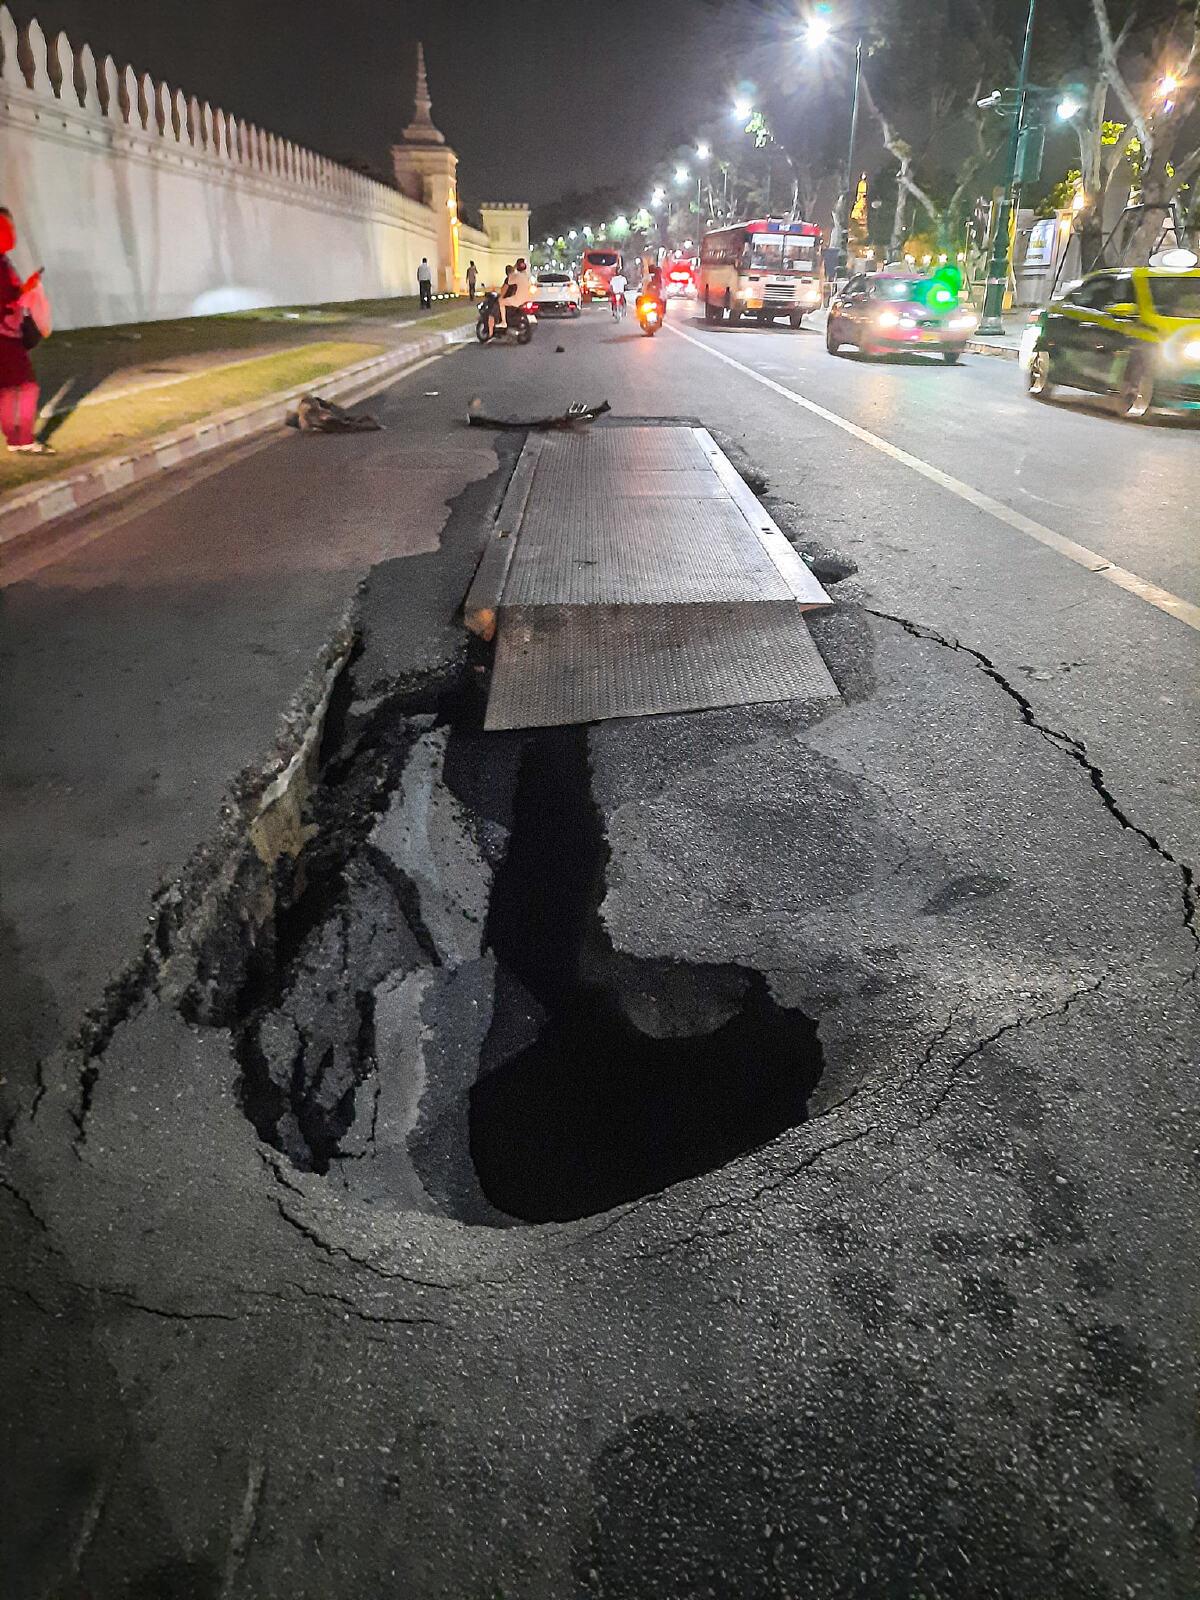 ถนนทรุดเป็นหลุมลึกกลางกรุง รถยนต์ขับผ่านไม่ทันระวังพังยับ